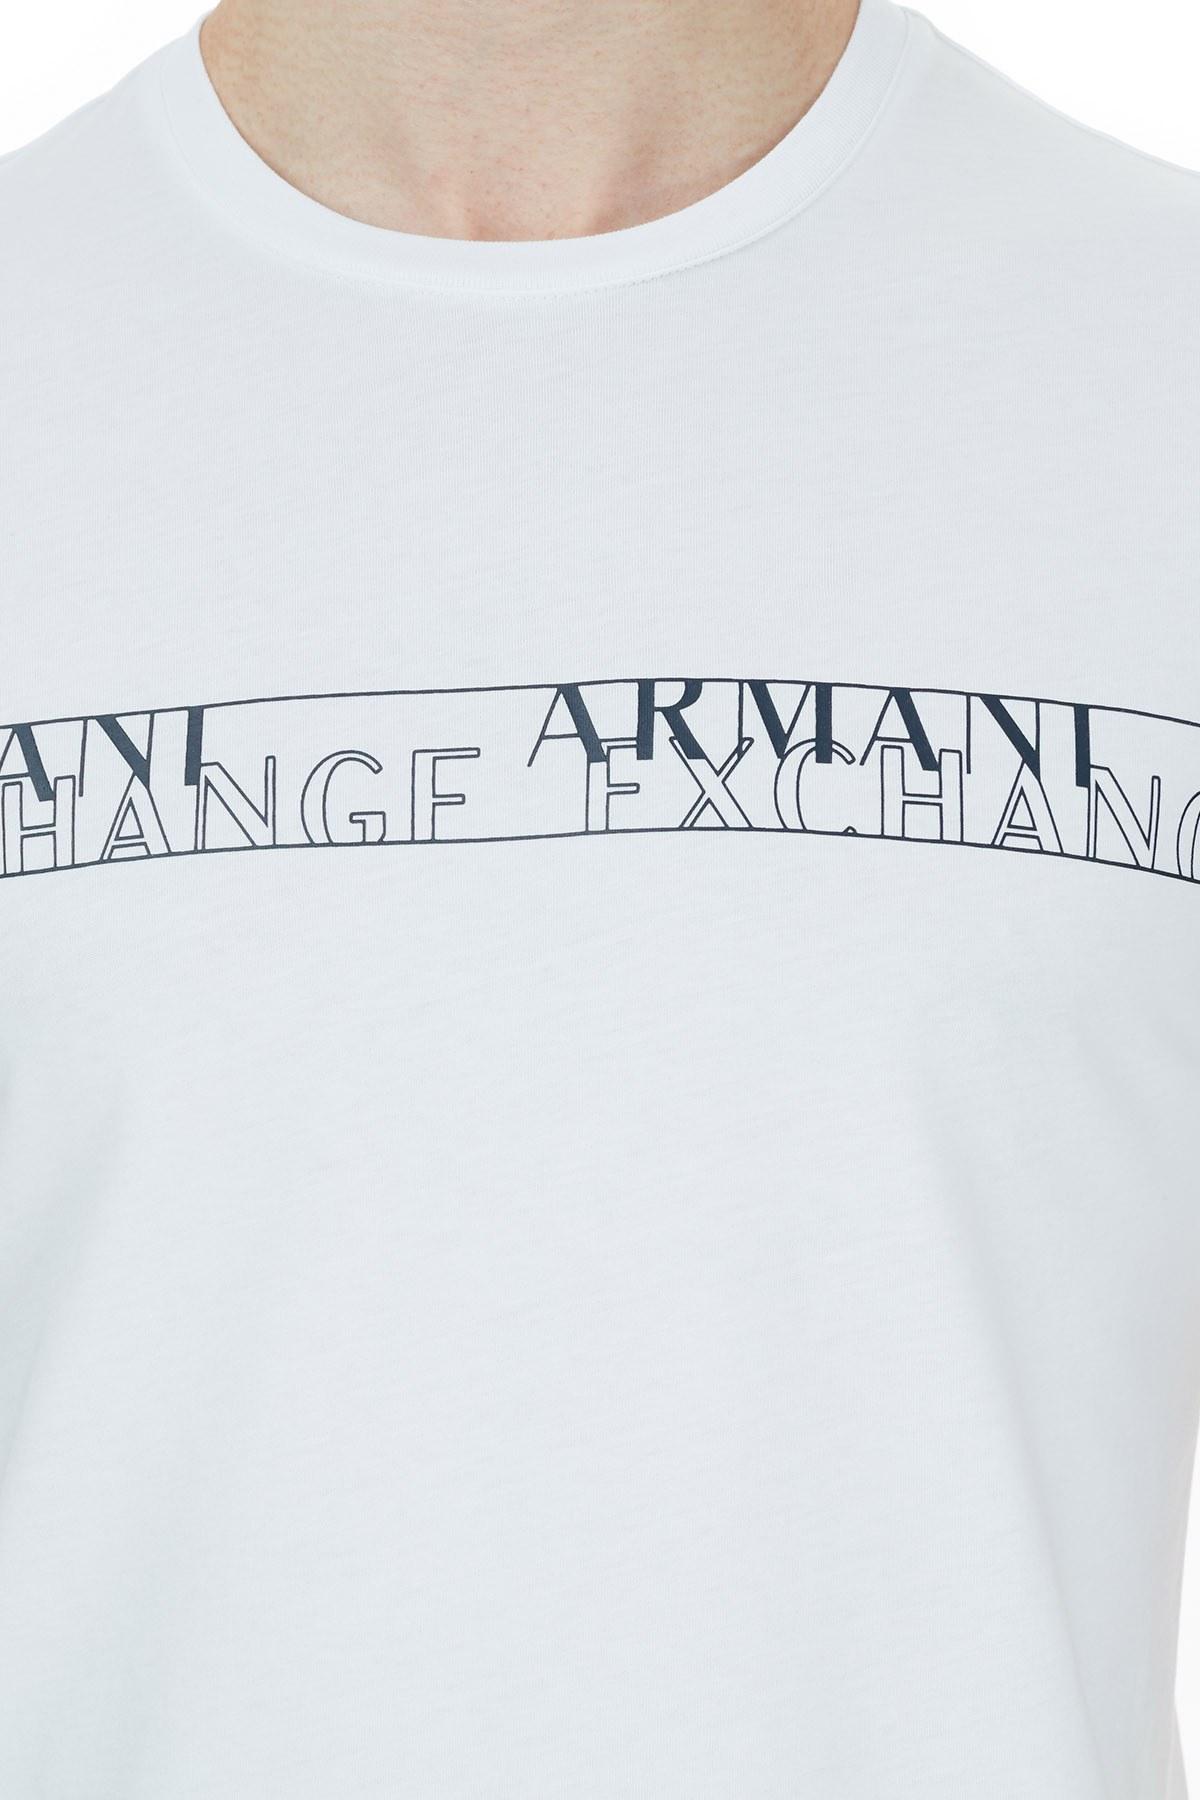 Armani Exchange % 100 Pamuklu Bisiklet Yaka T Shir Erkek T Shirt 6HZTFC ZJBVZ 1100 BEYAZ